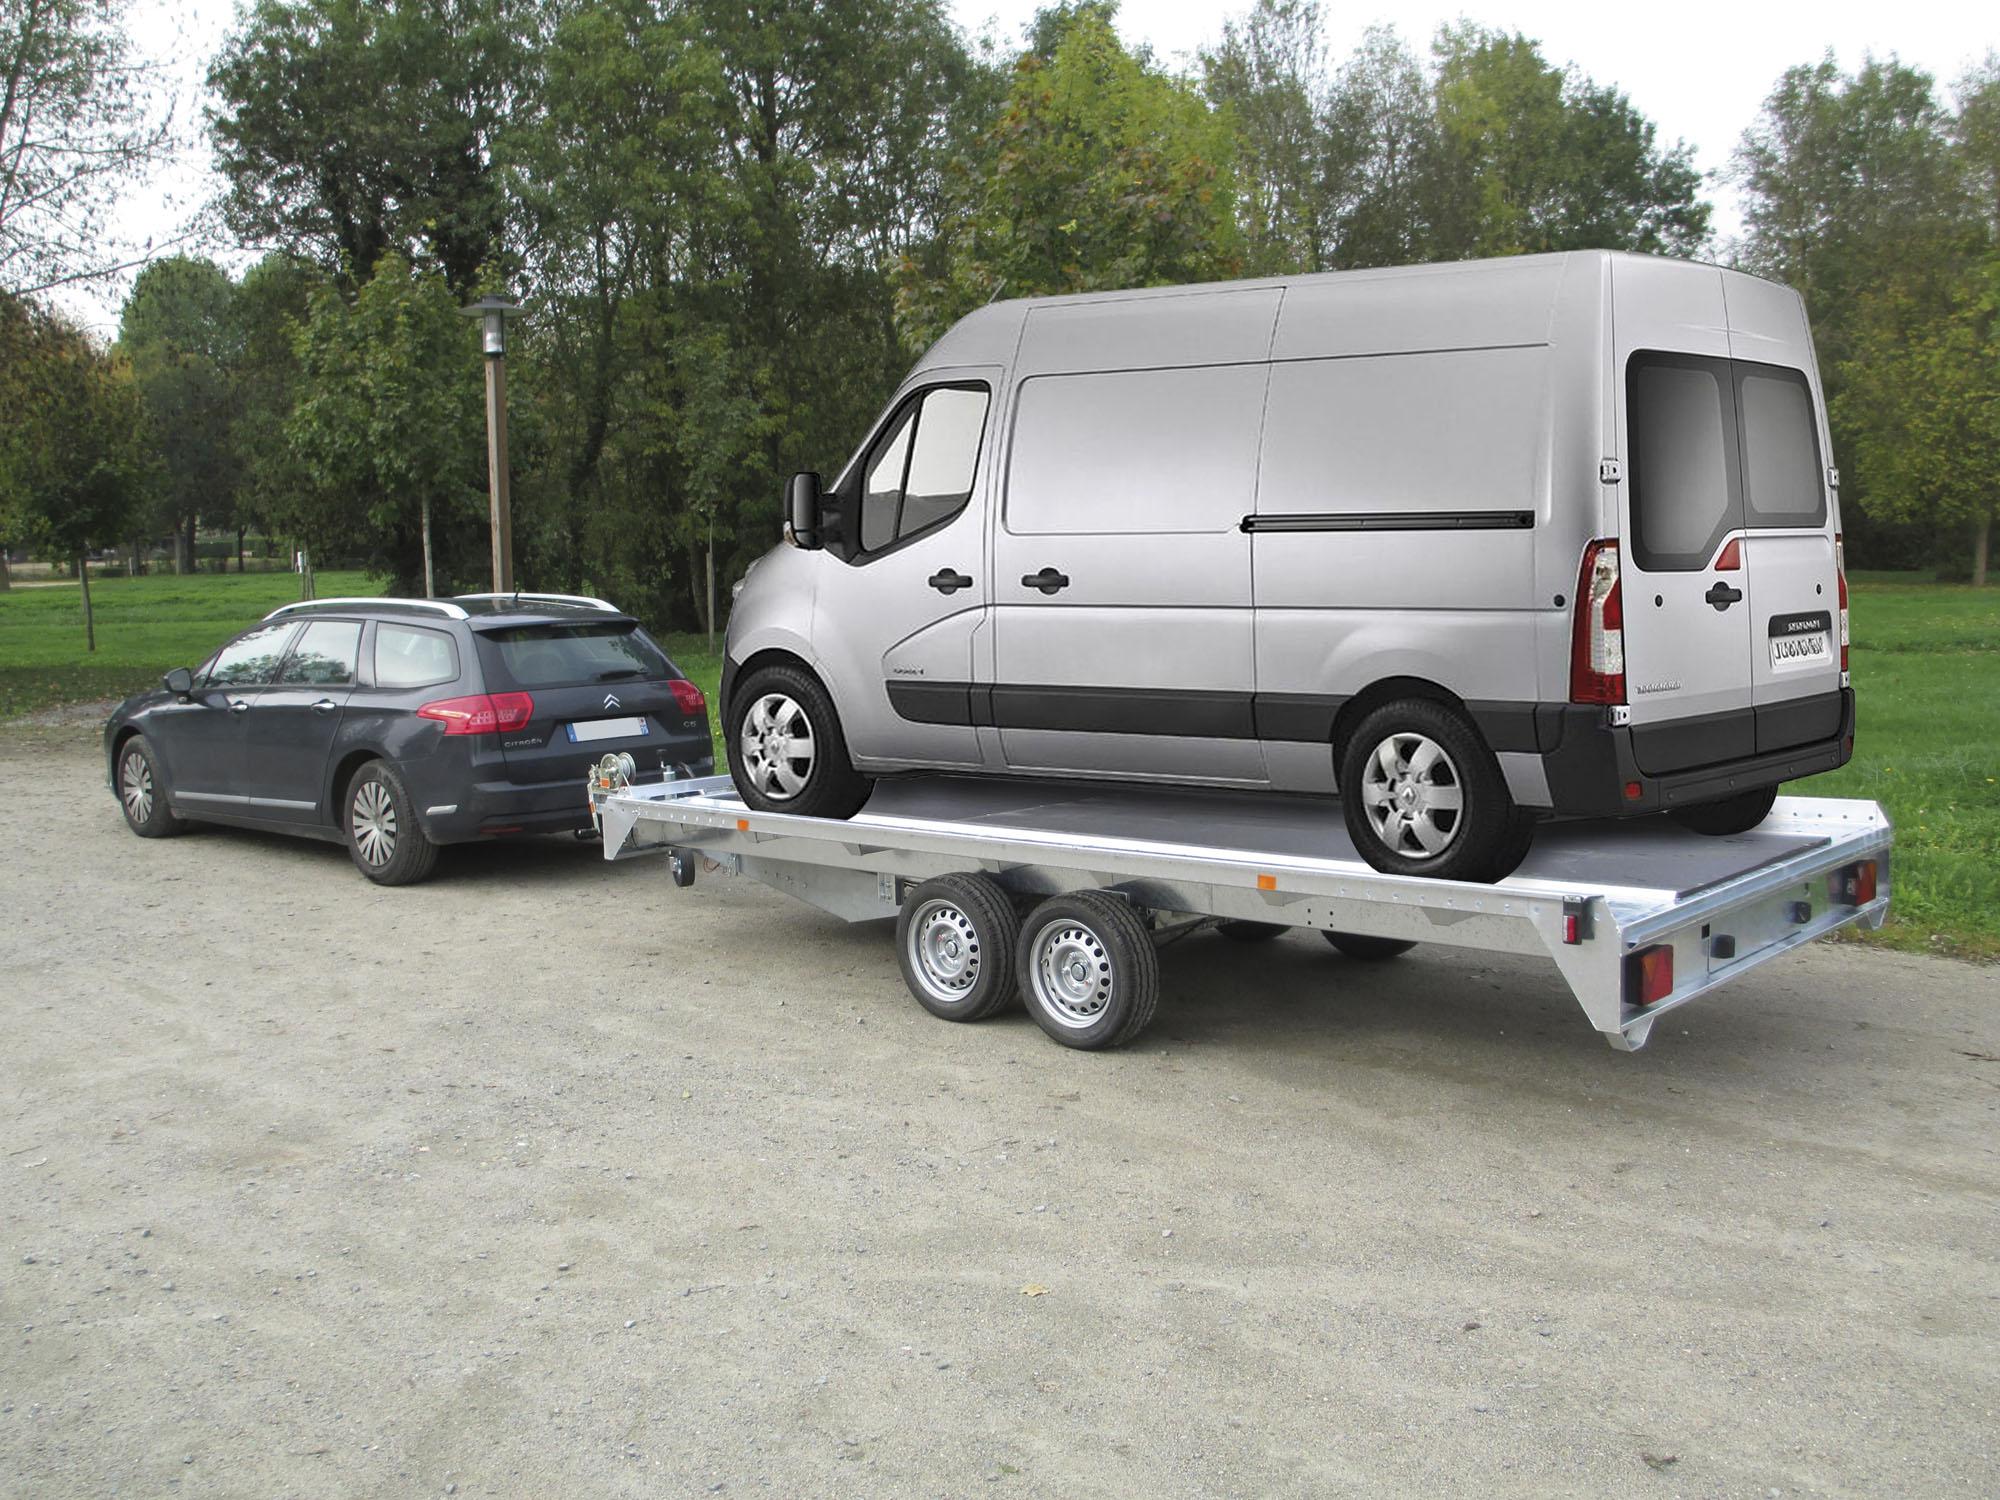 Remorque voiture double essieux pv pro 250 porte voiture toulon var - Remorque porte voiture double essieux ...